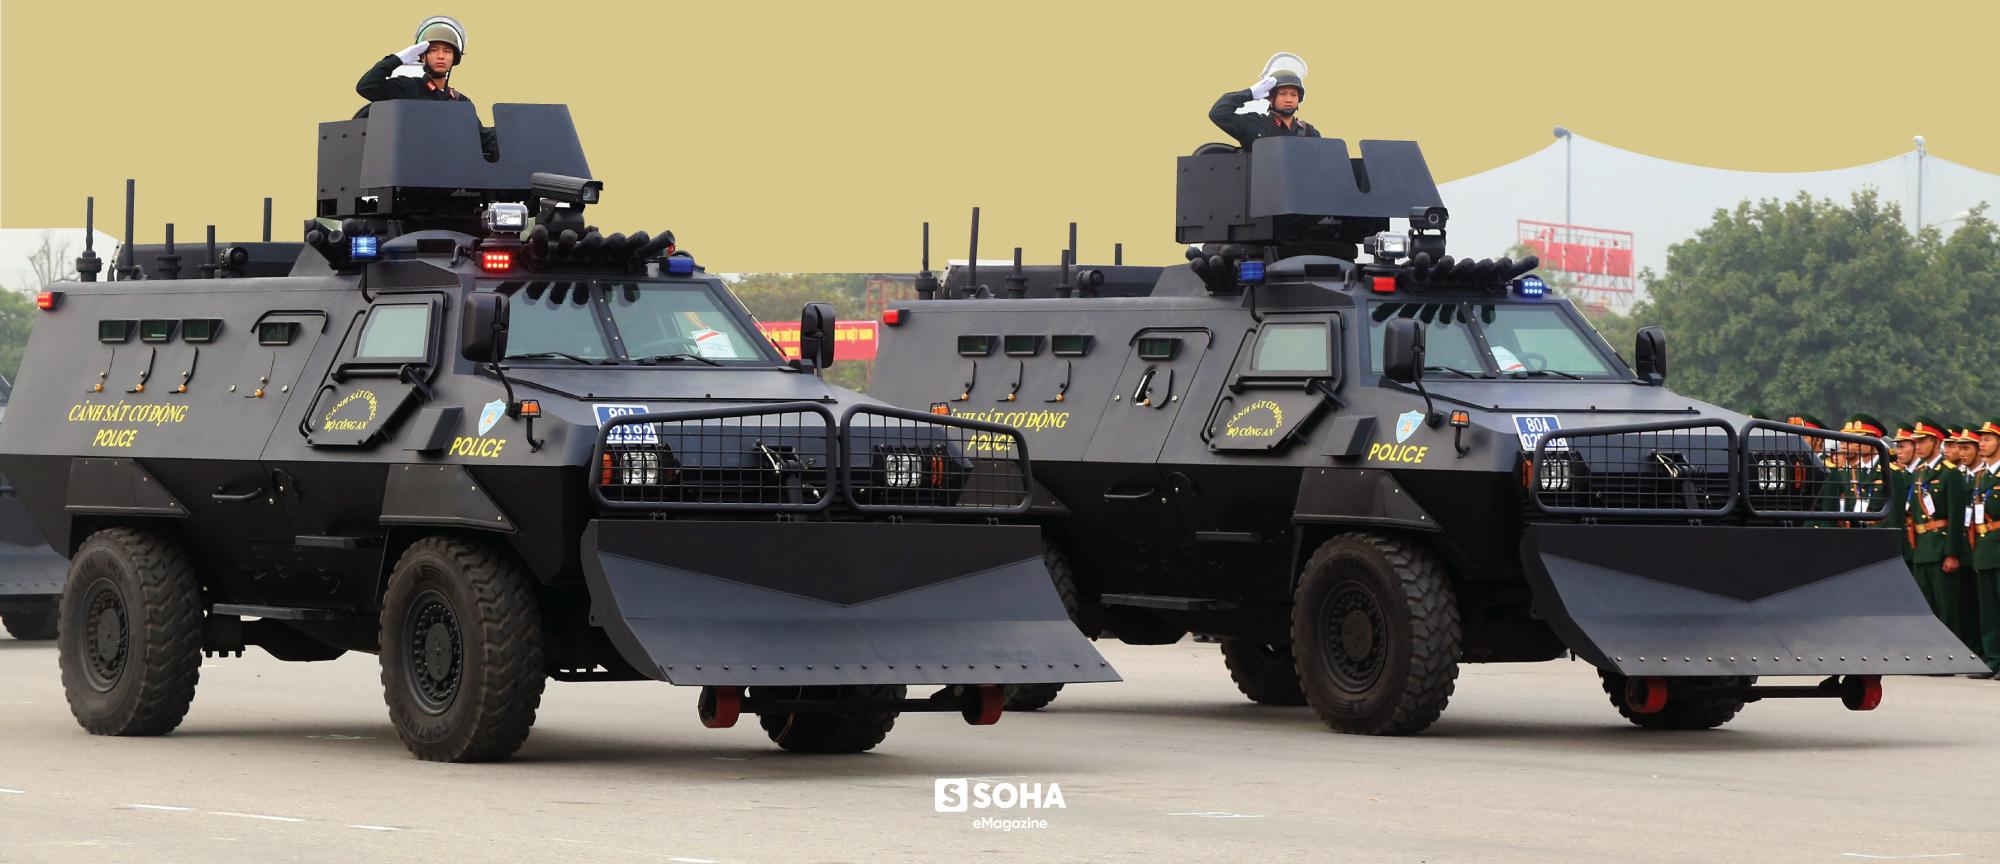 """Trung tướng Phạm Quốc Cương: """"Cảnh sát cơ động sẽ được trang bị máy bay, tàu thủy"""" - Ảnh 1."""